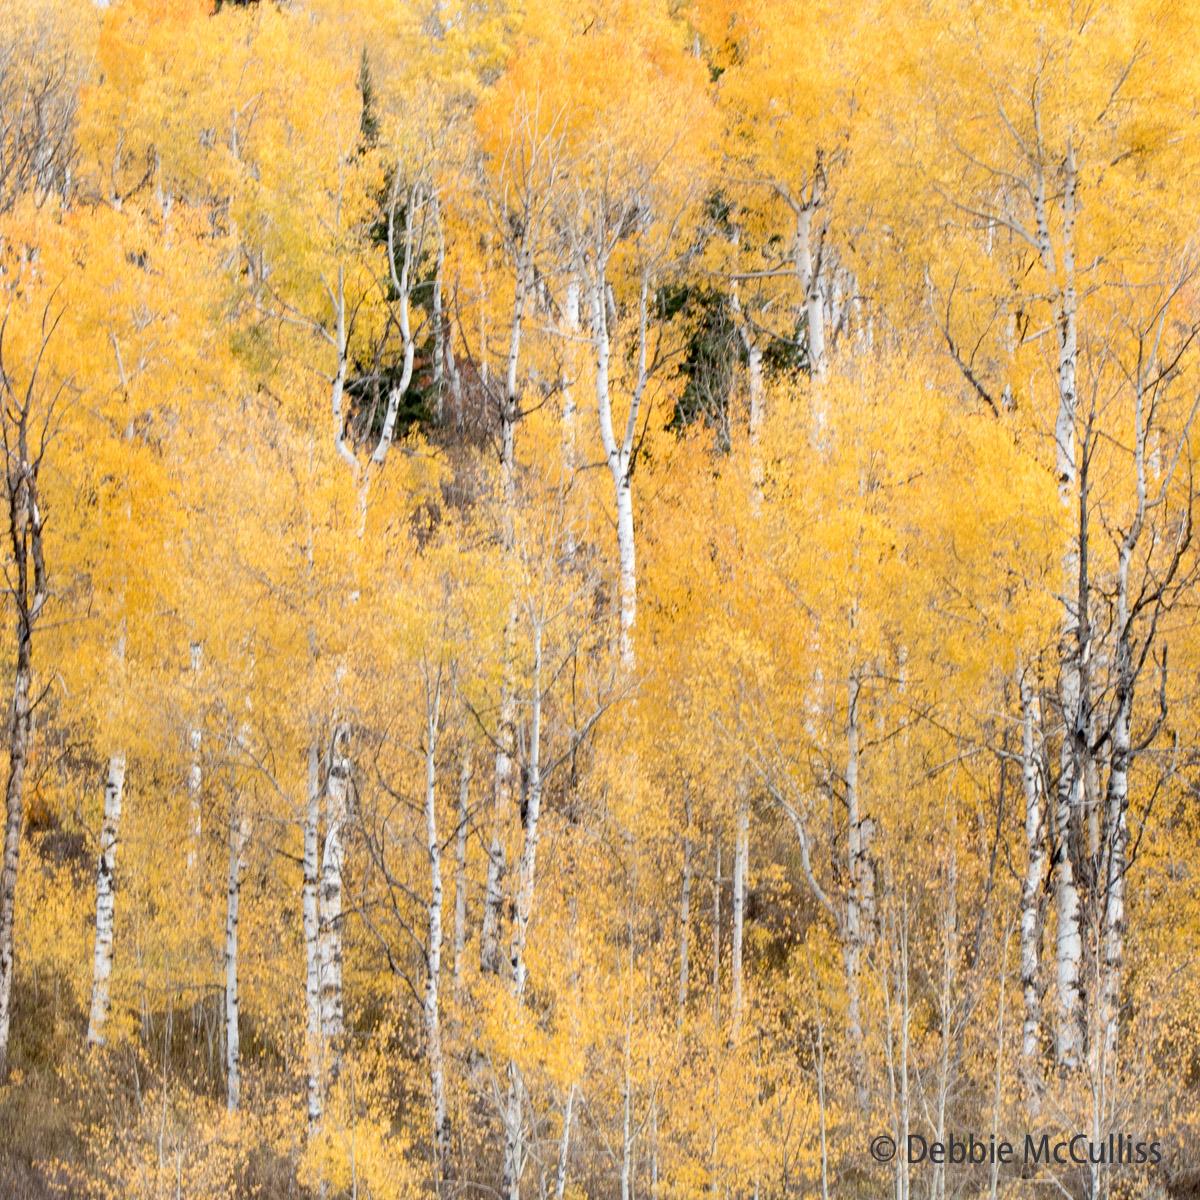 Woodchuck Mountain Ranch, Stagecoach, Colorado, photo